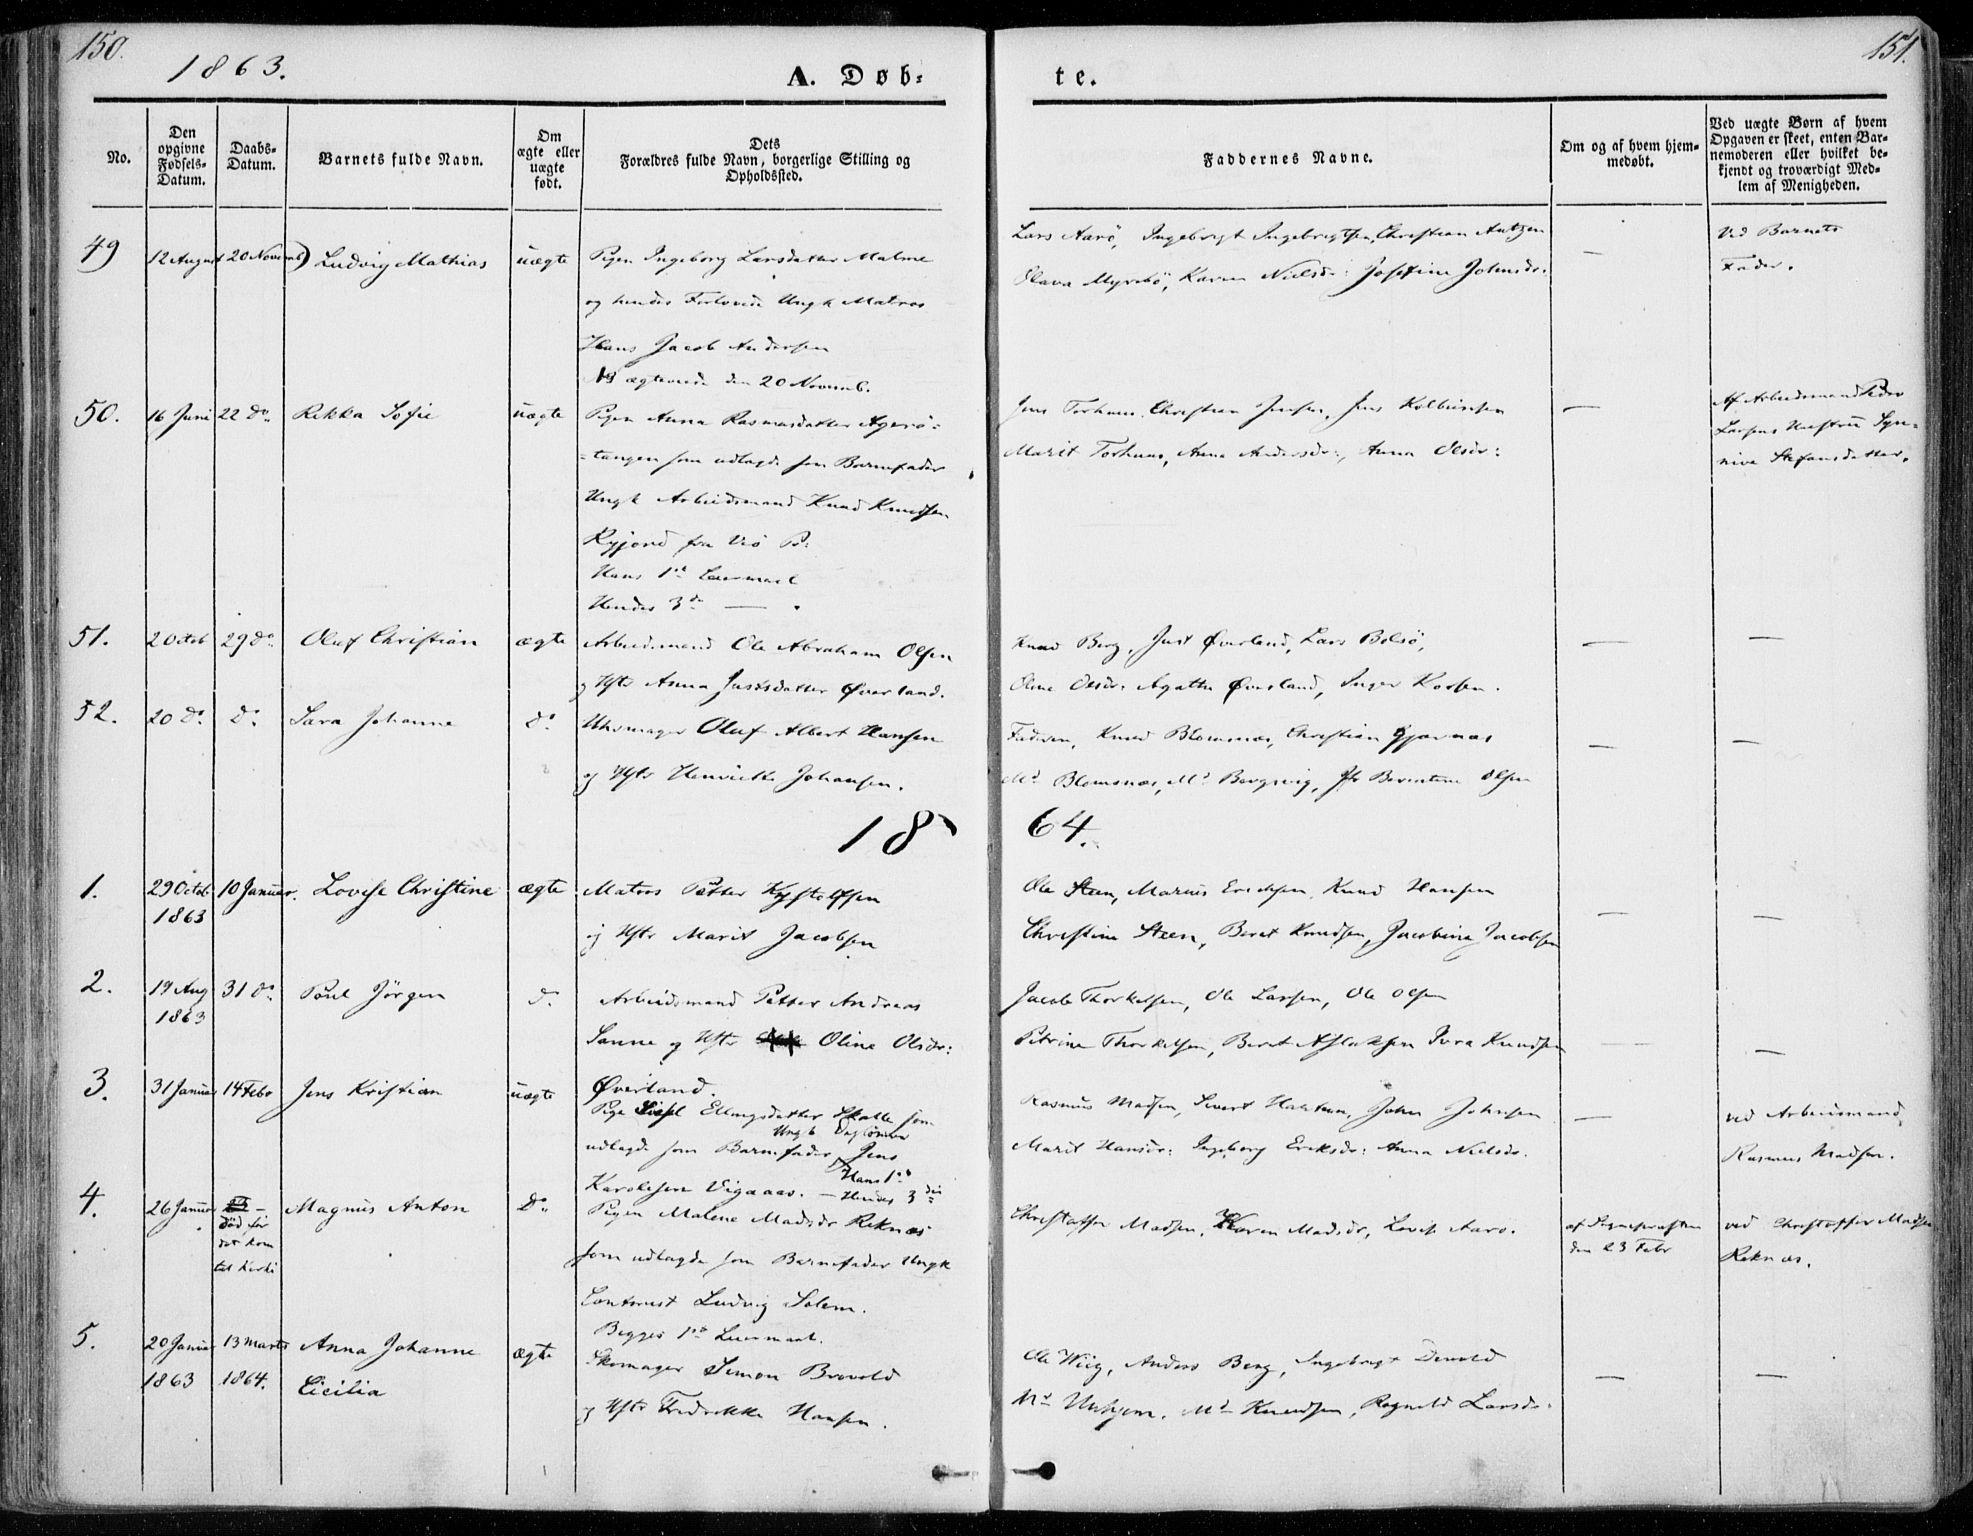 SAT, Ministerialprotokoller, klokkerbøker og fødselsregistre - Møre og Romsdal, 558/L0689: Ministerialbok nr. 558A03, 1843-1872, s. 150-151